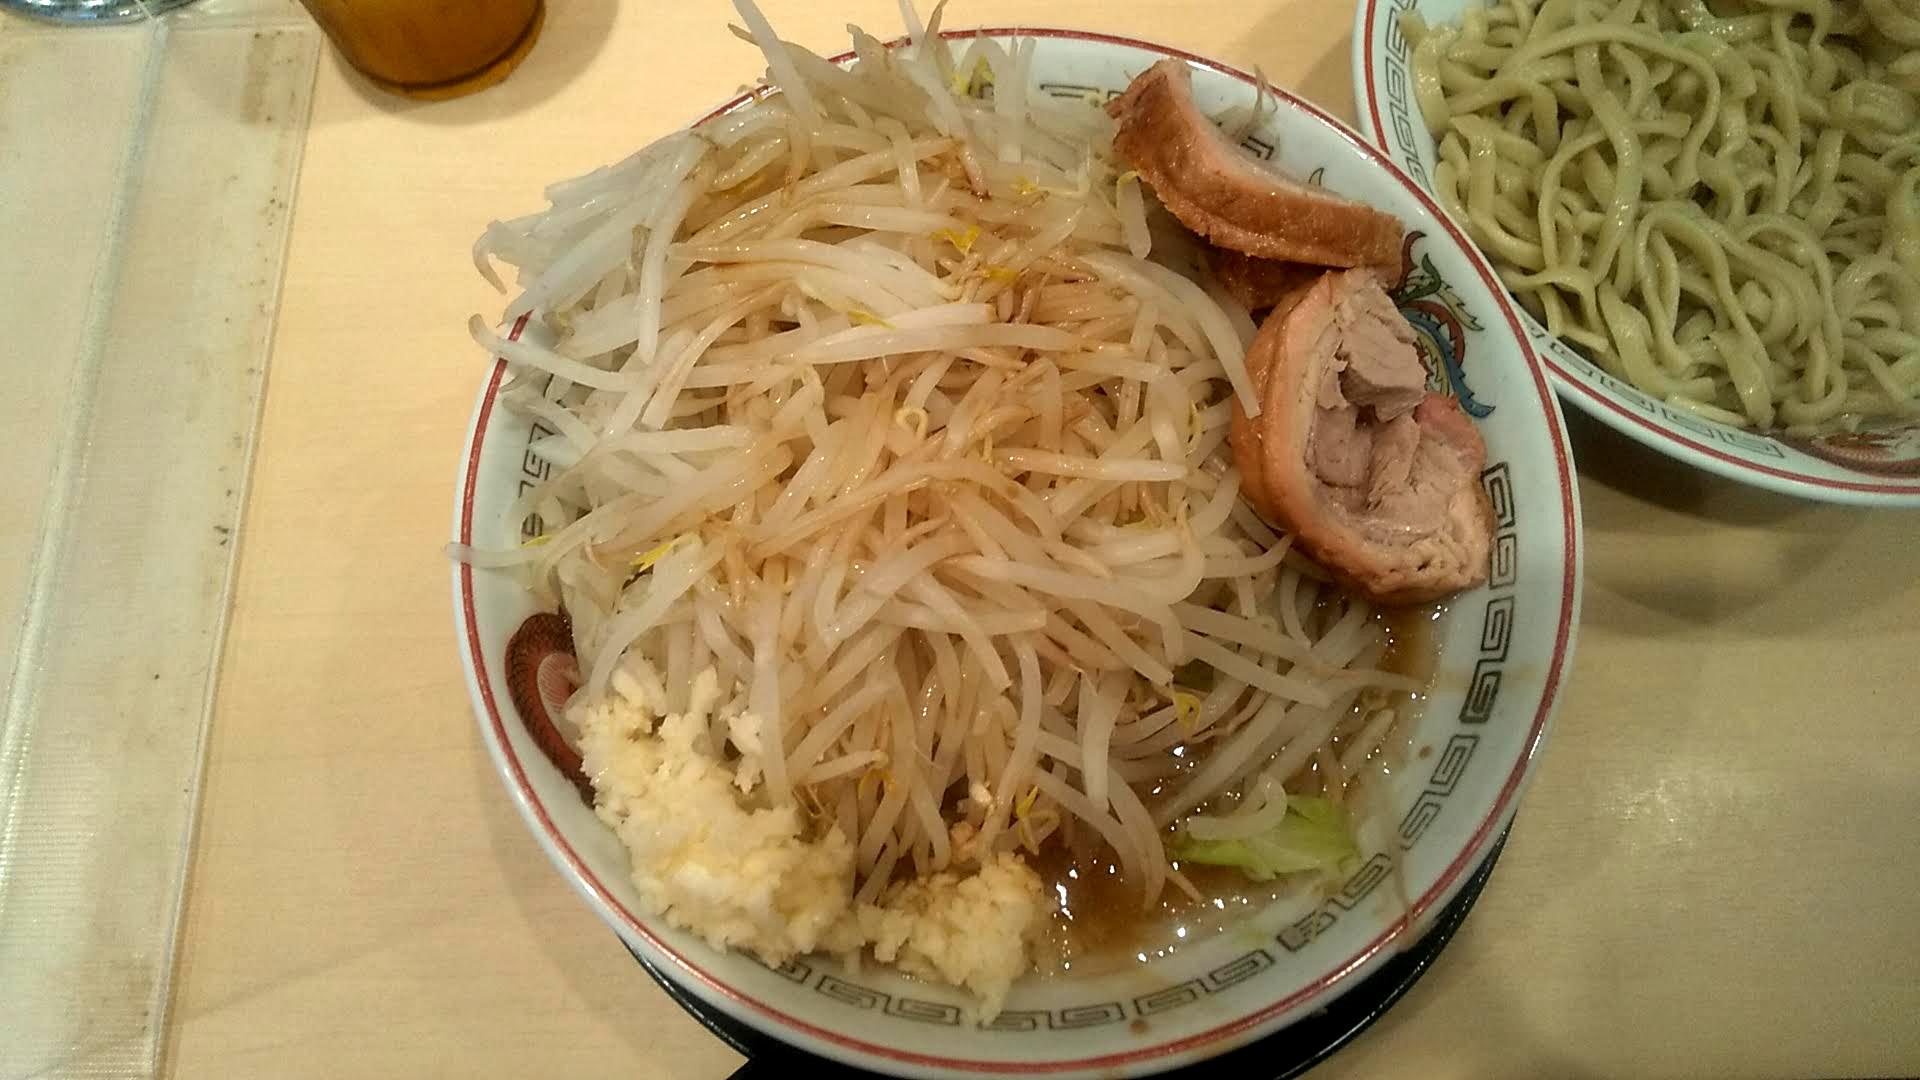 ラーメン豚山のつけ麺(小)のつけ汁の写真